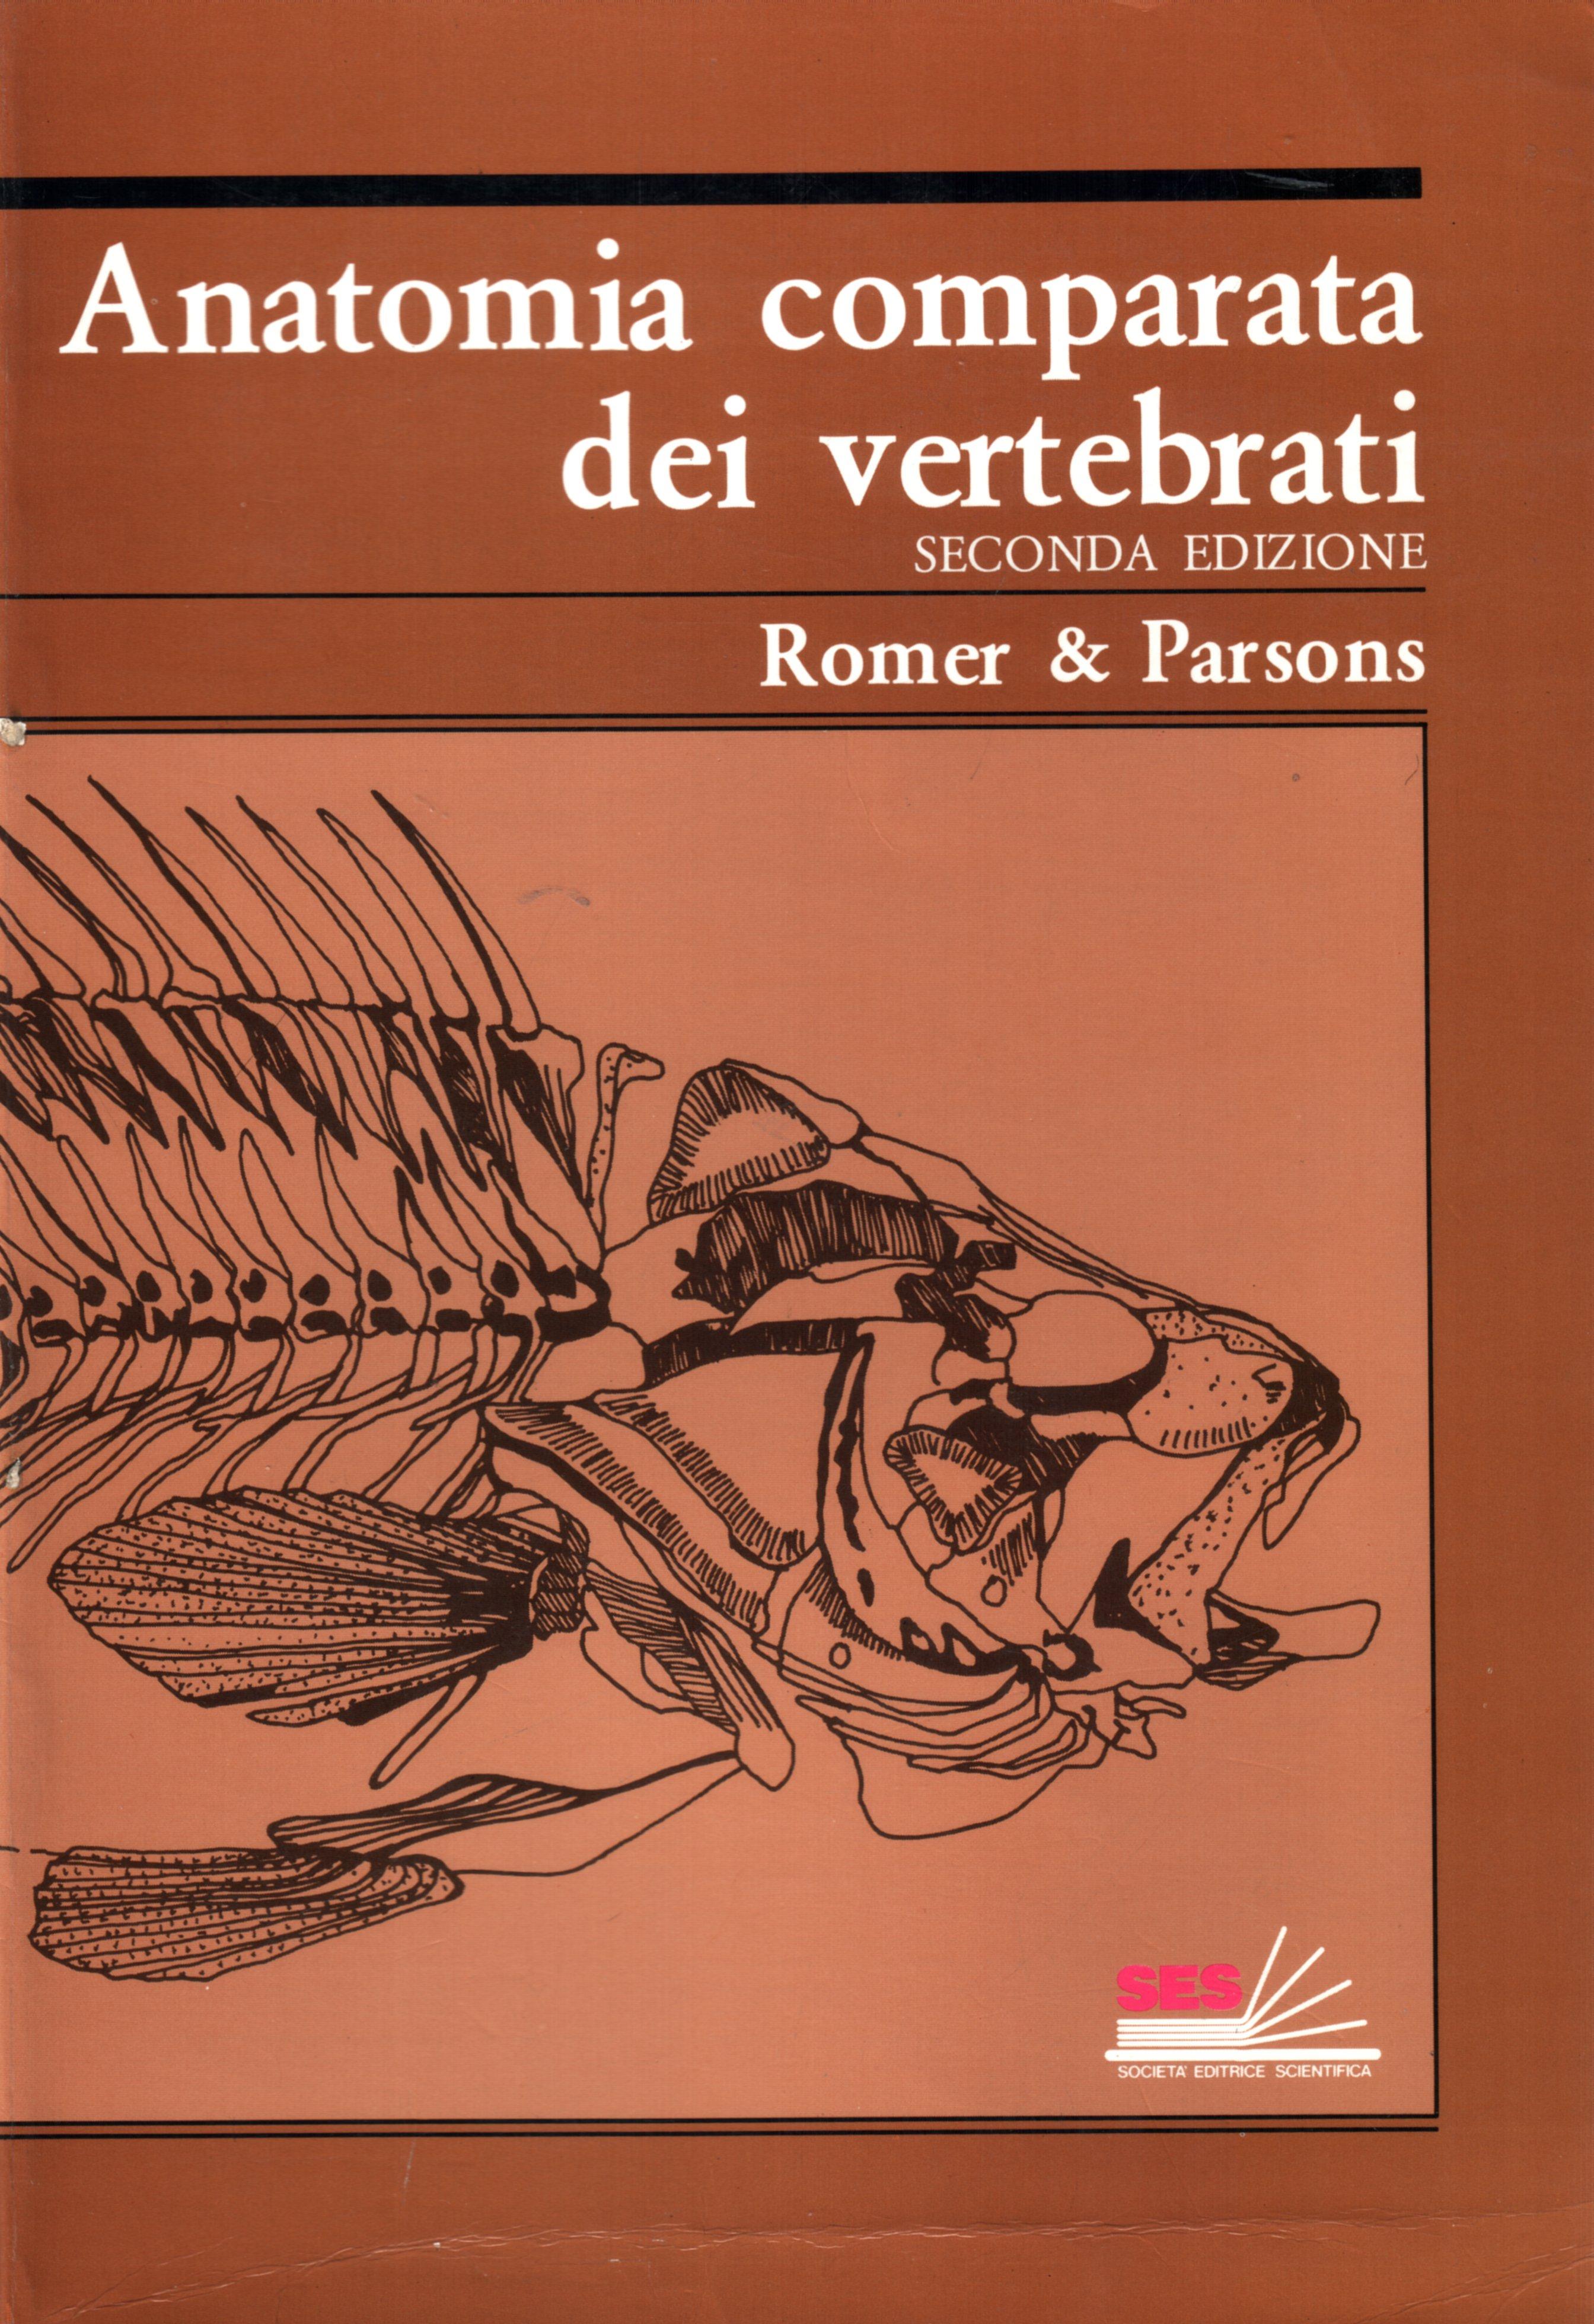 Anatomia comparata dei vertebrati